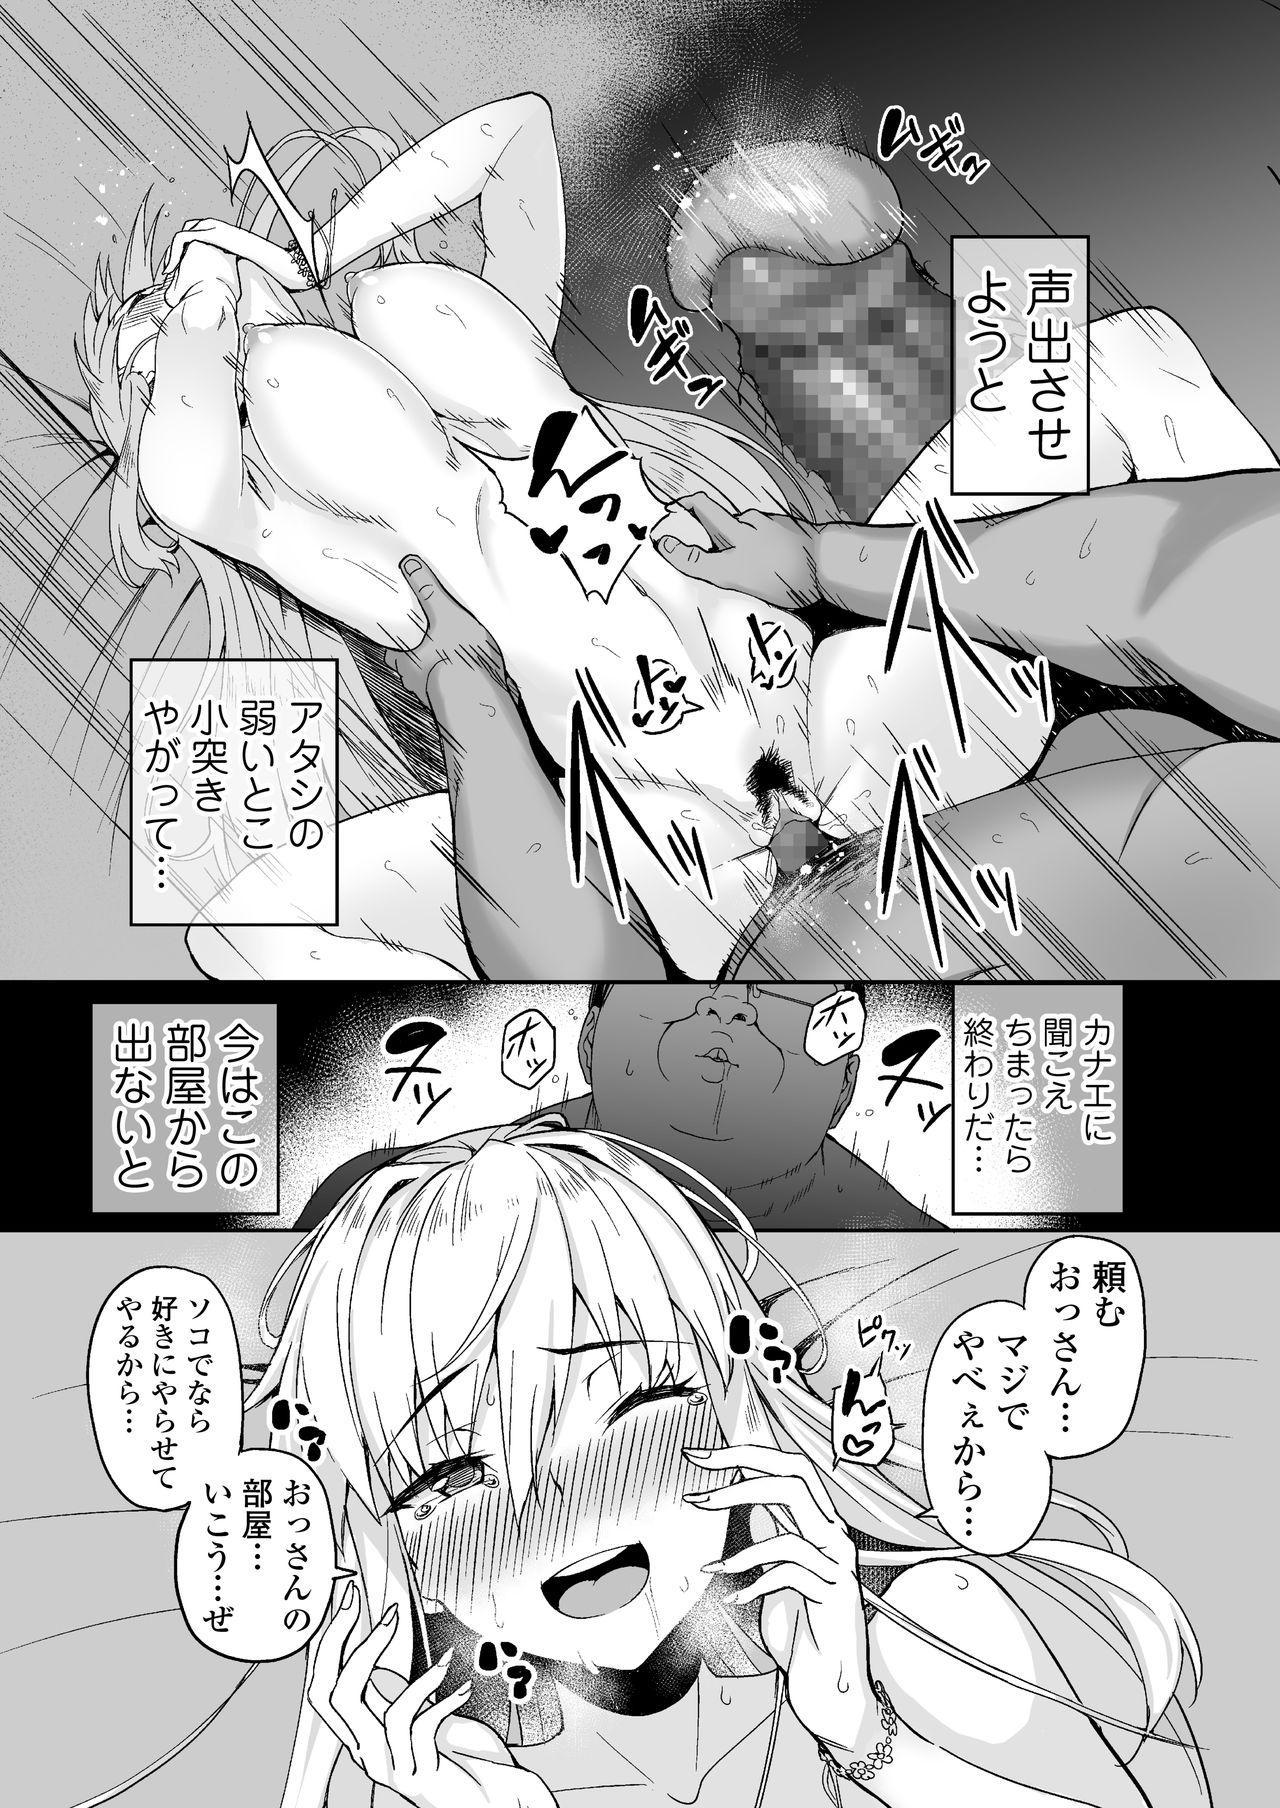 COMIC AOHA 2021 Natsu 194